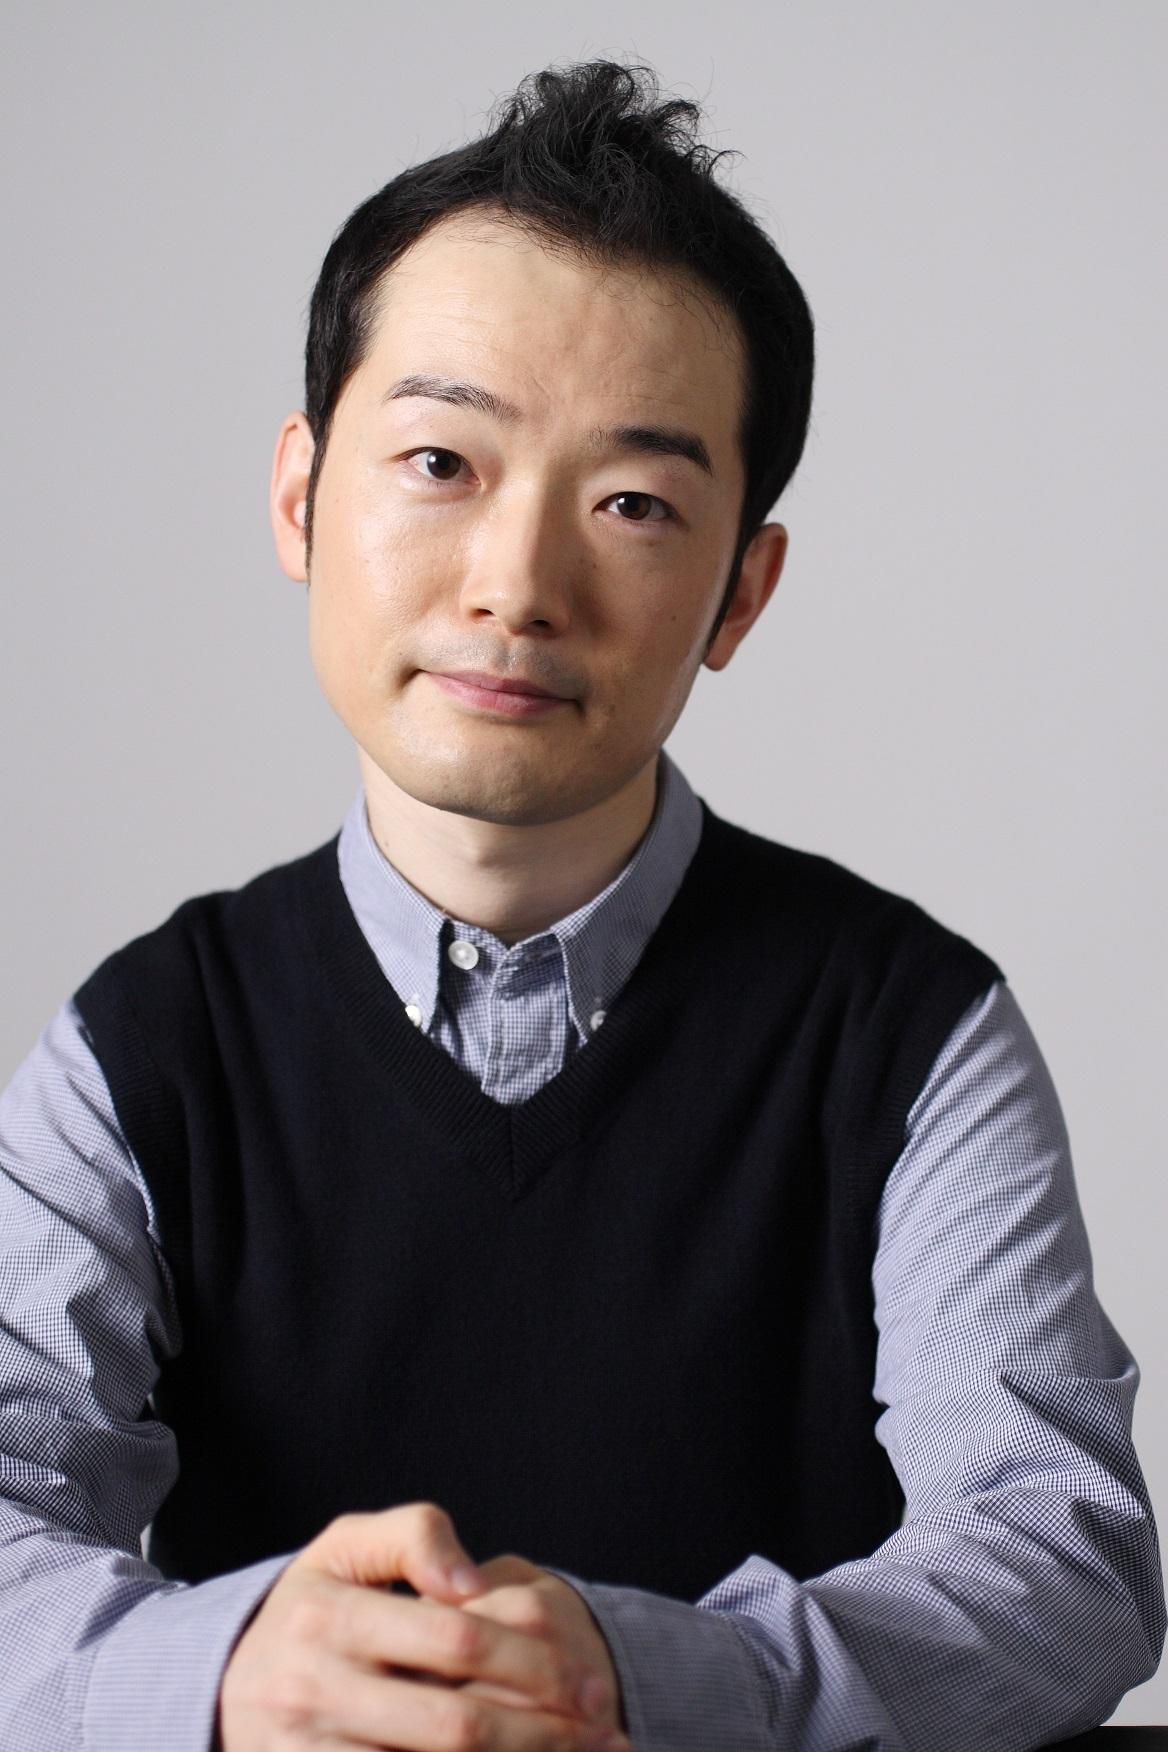 公安局刑事課三係 執行官・井口匡一郎役:中村靖日